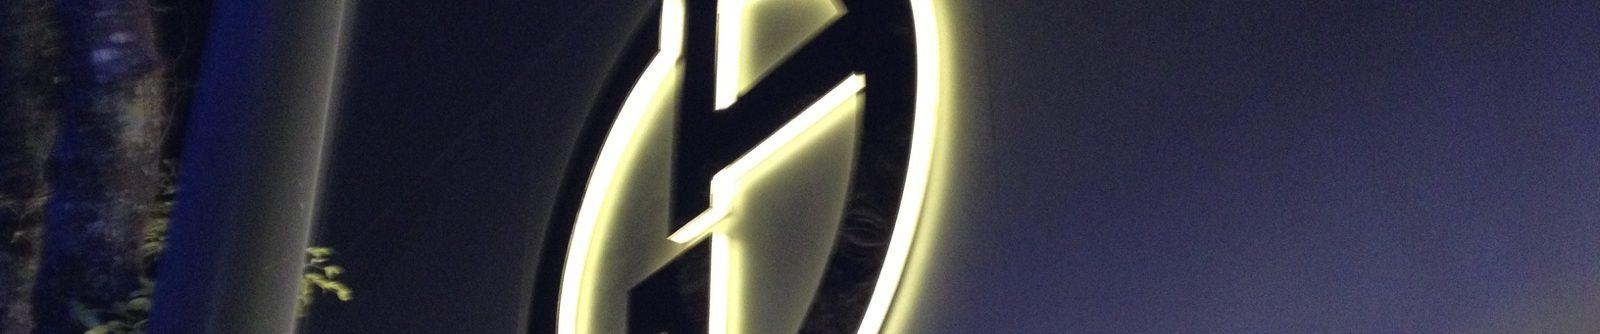 AVS Letters